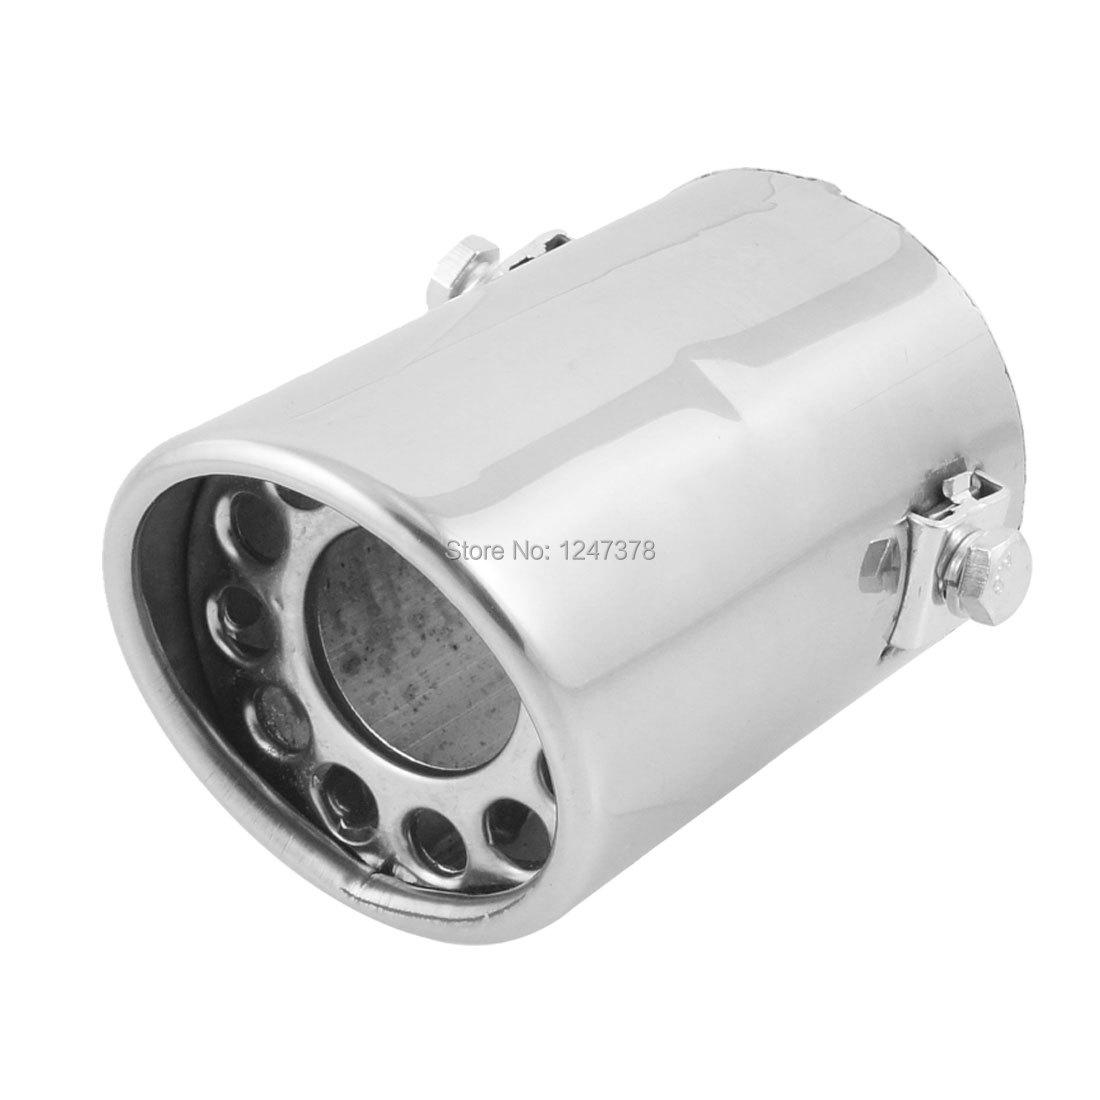 Глушитель Fit 61 /2,40 ' A70 Citroen C2 UX 50 глушитель ux motor 63 2 50 2 5 50